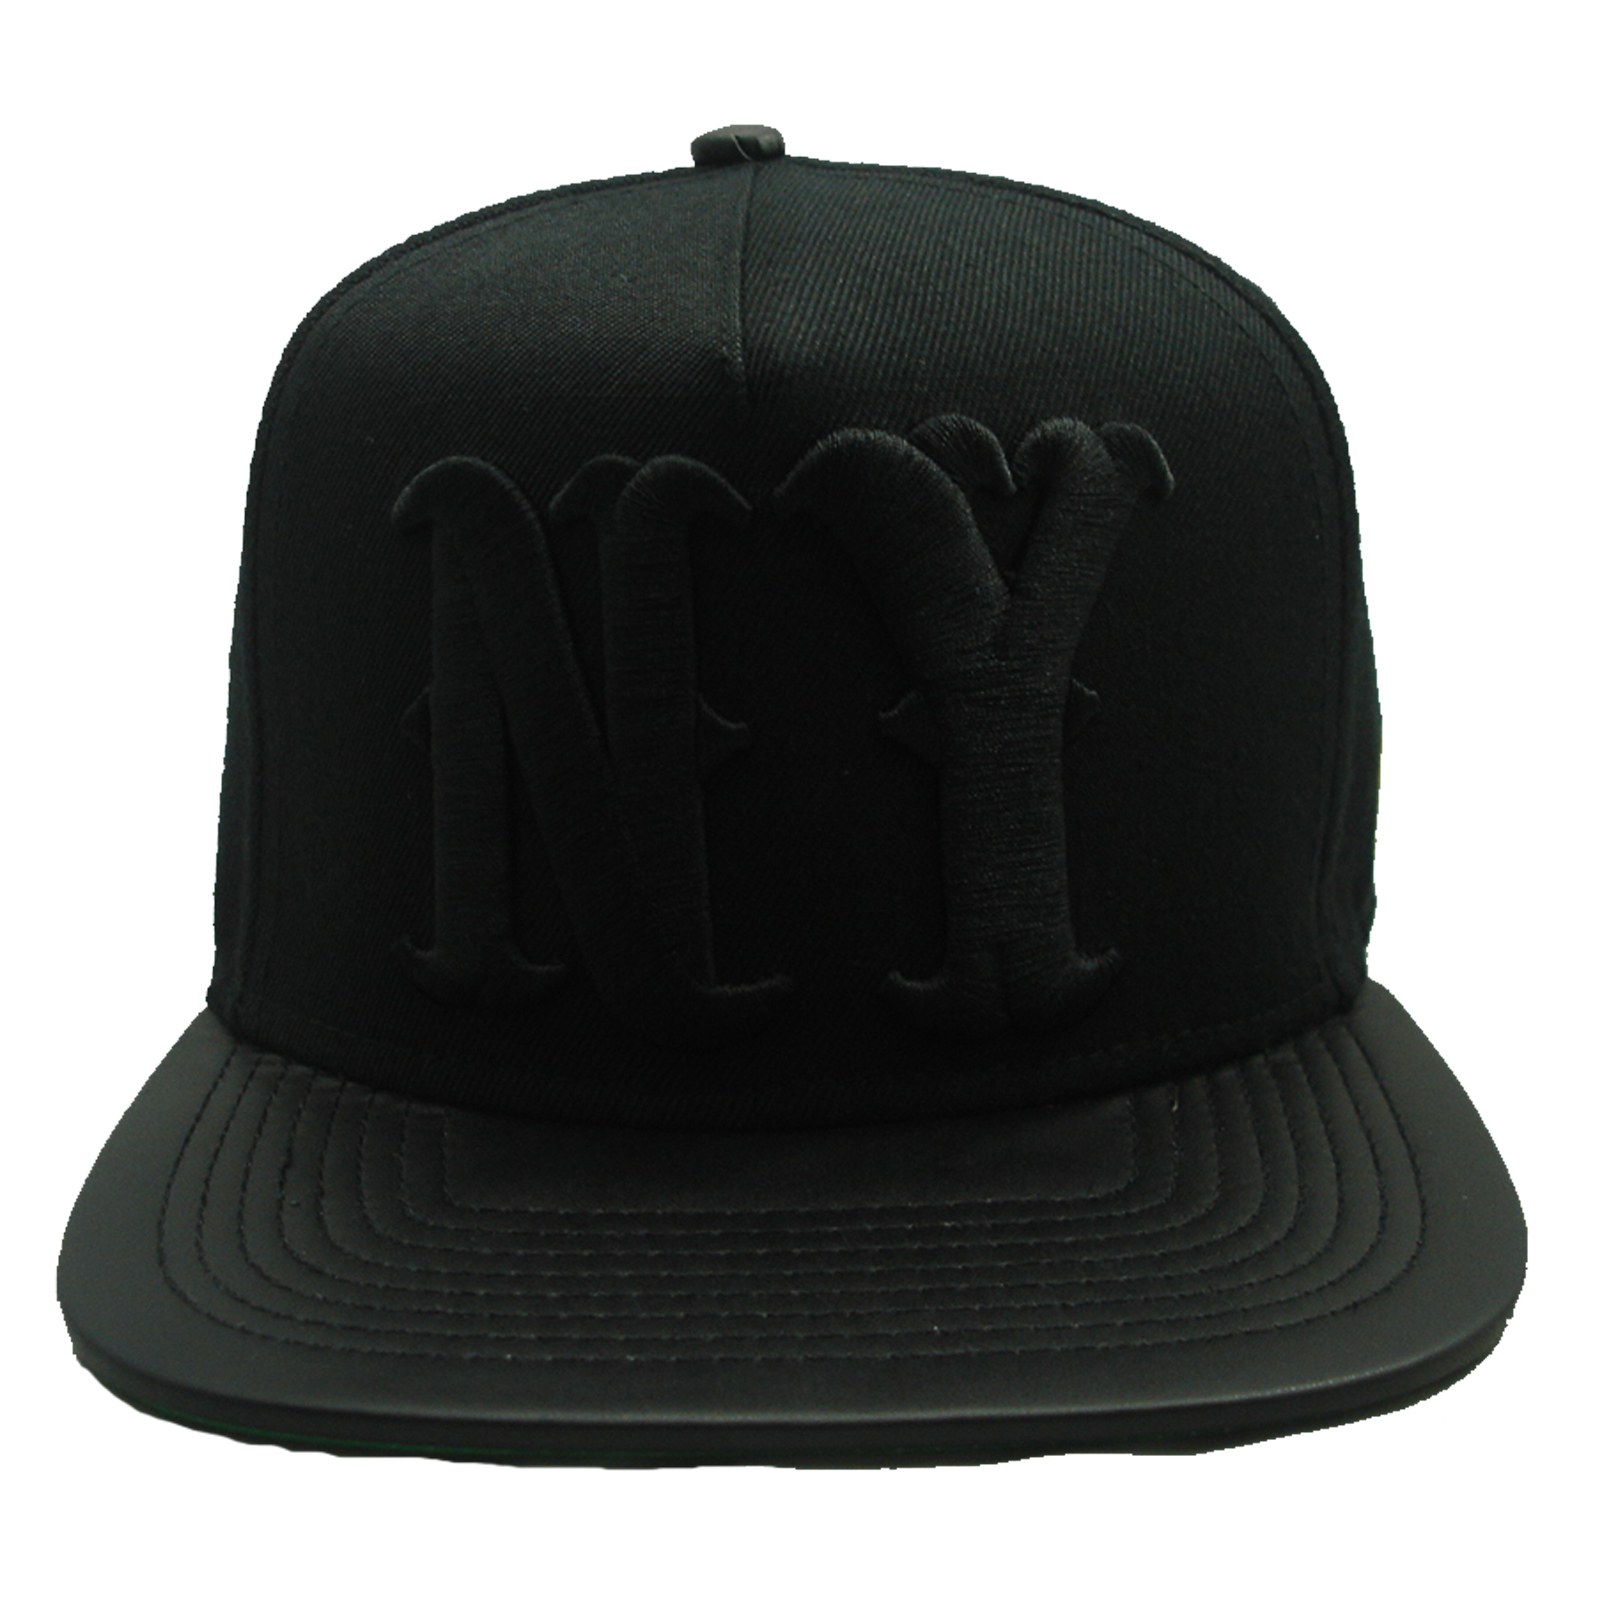 ALL-NY-BLACK